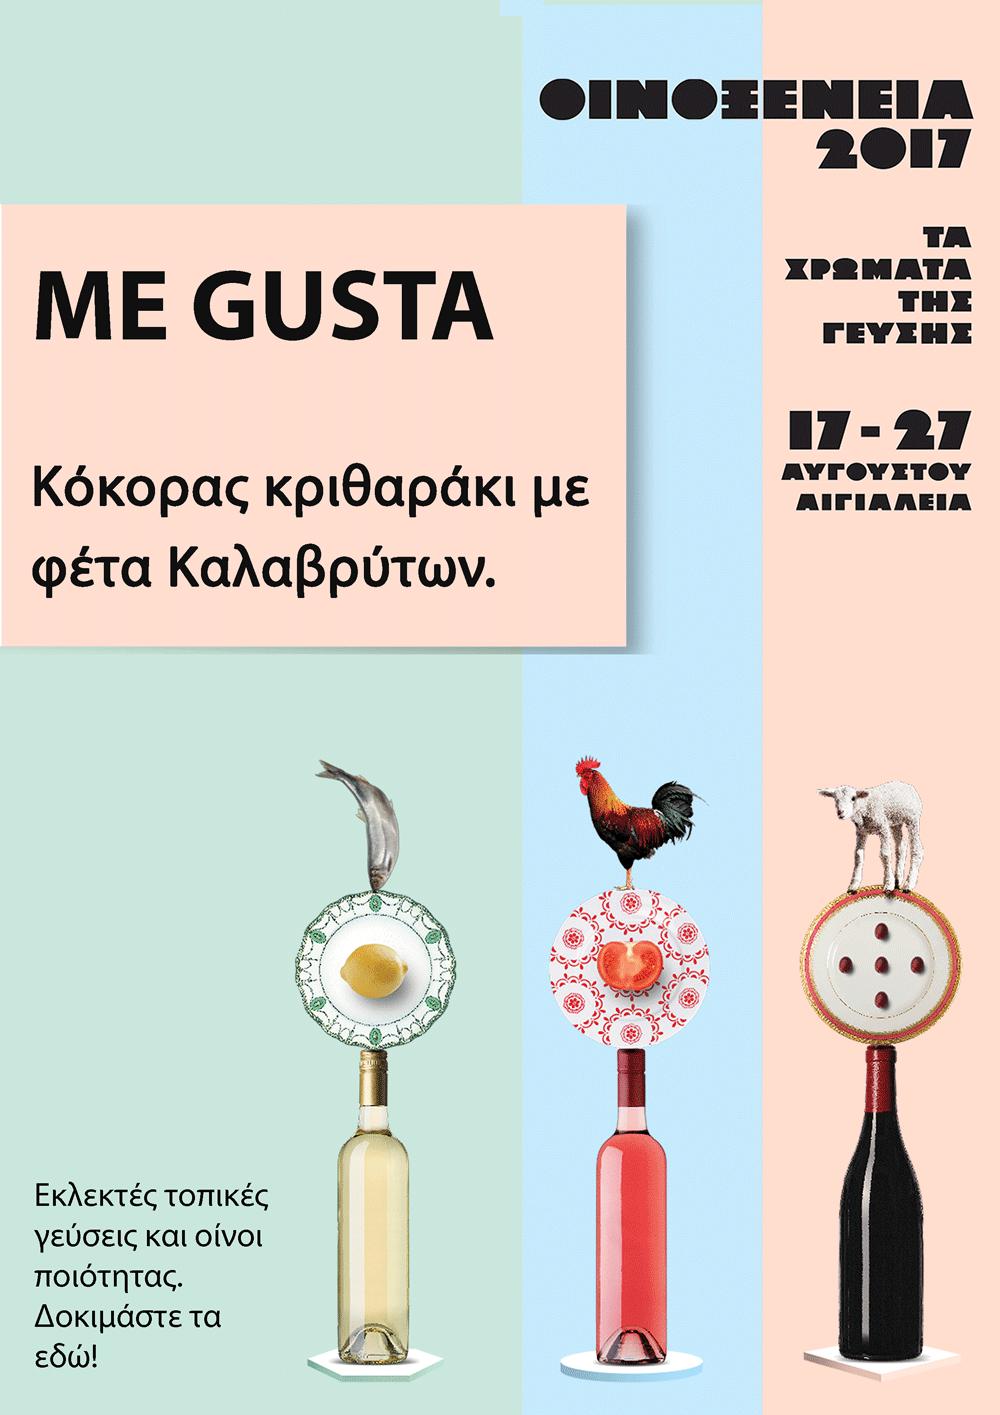 MENU-2017-ME-GUSTA